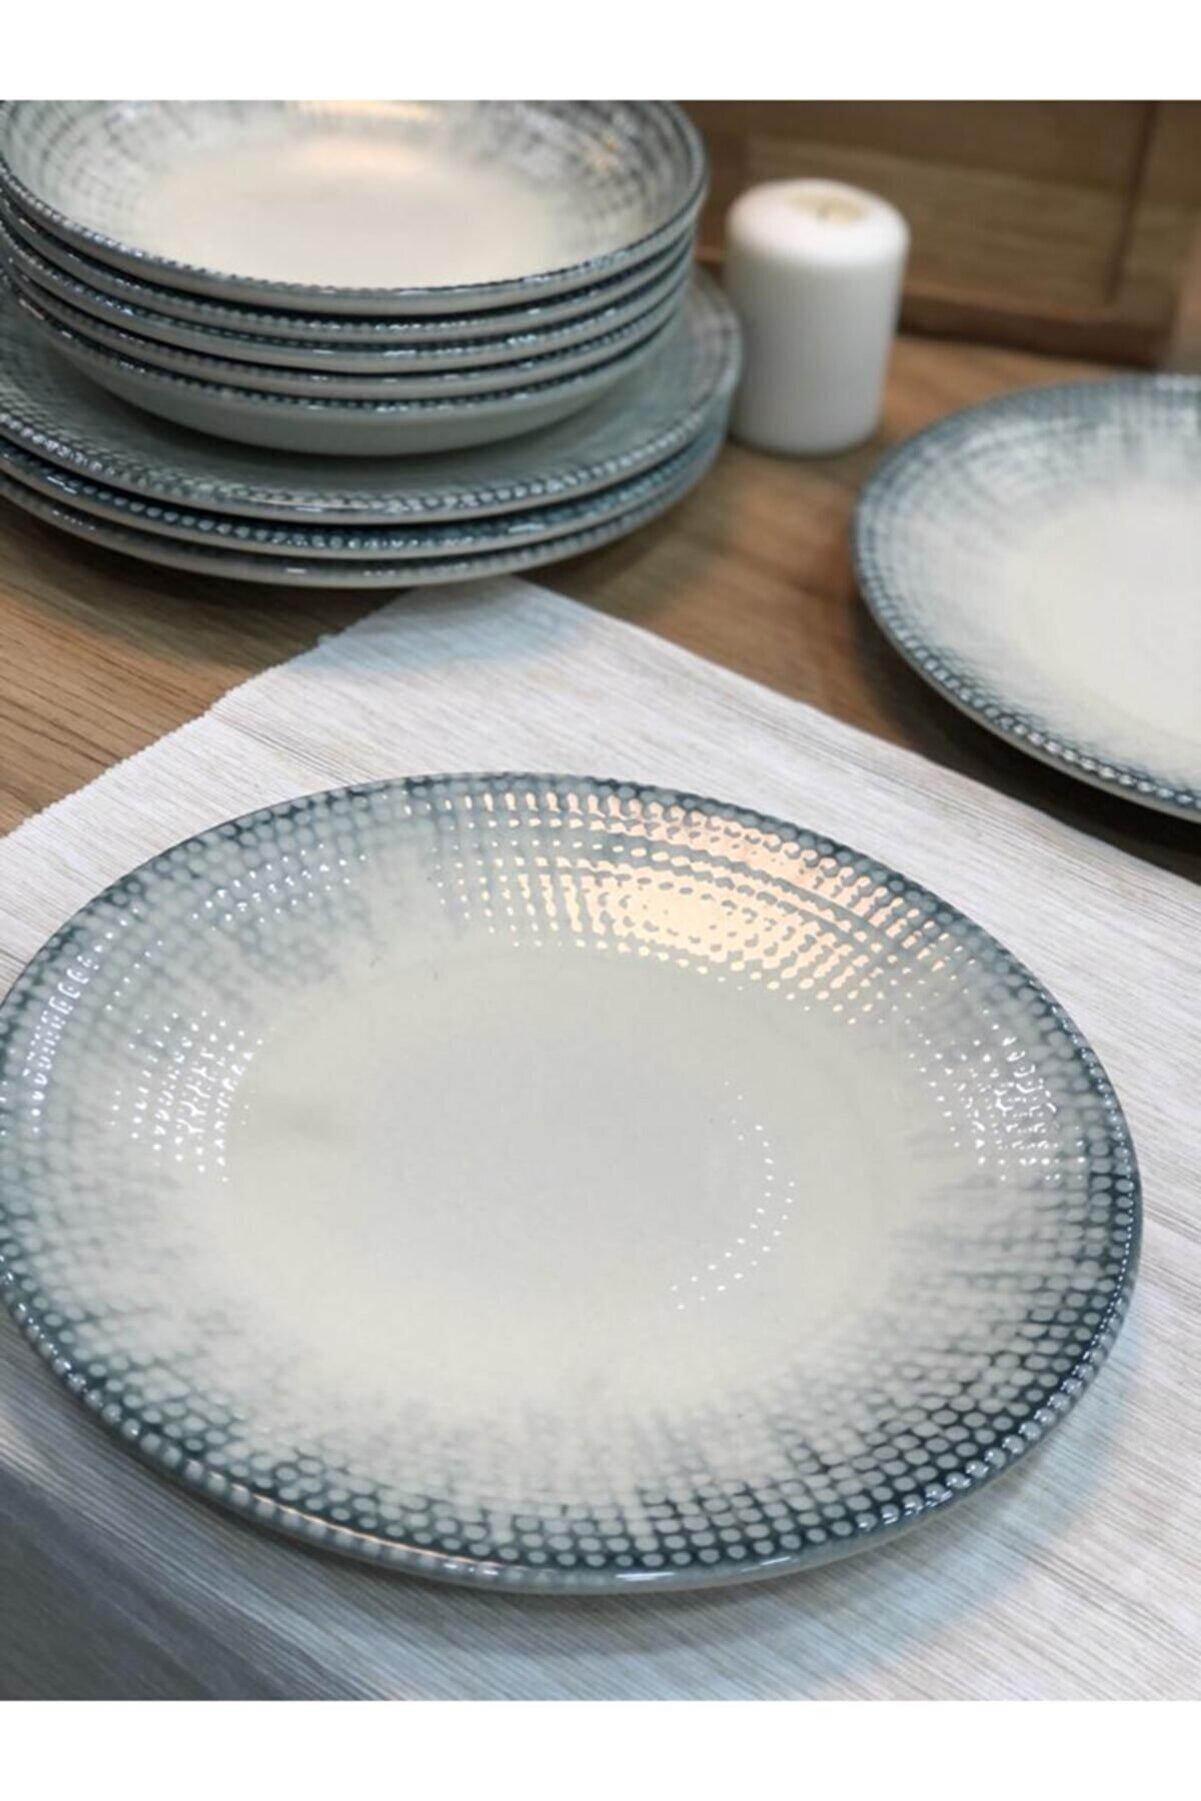 Kütahya Porselen Corendon Serisi 25 Cm Servis Tabağı-6 Adet